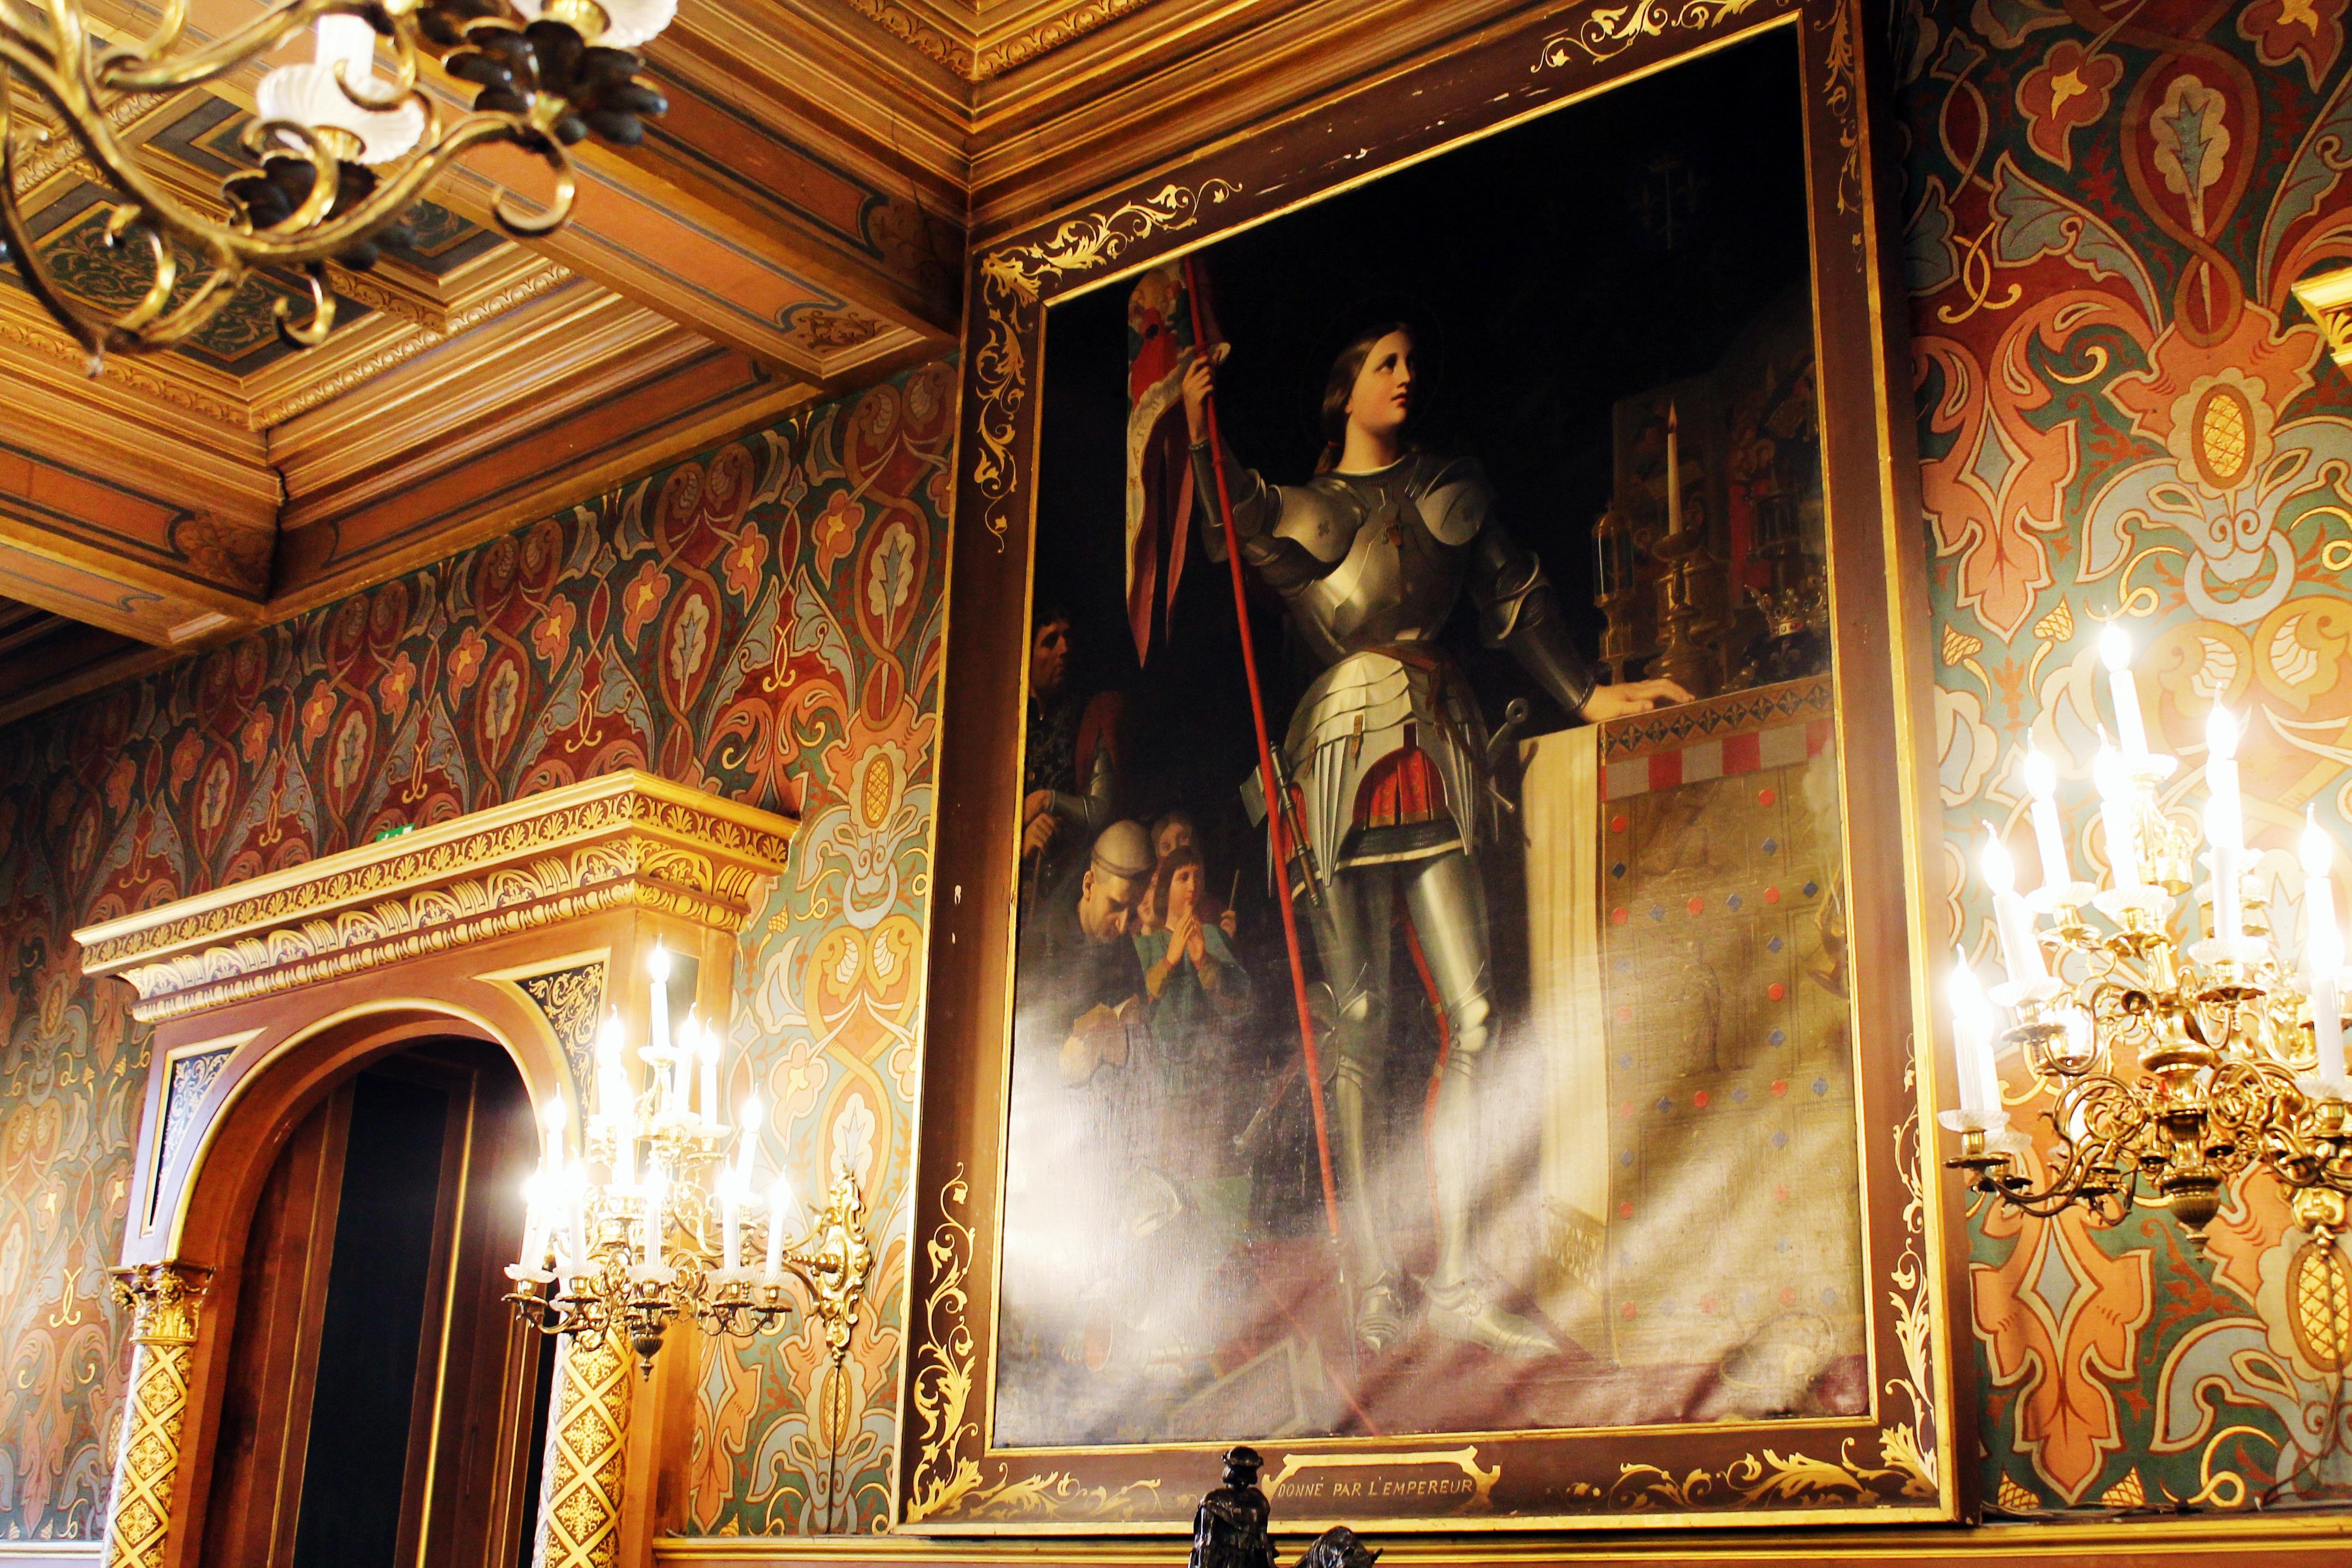 Drawing Dreaming - guia de visita de Orléans, Loire - Hôtel Groslot